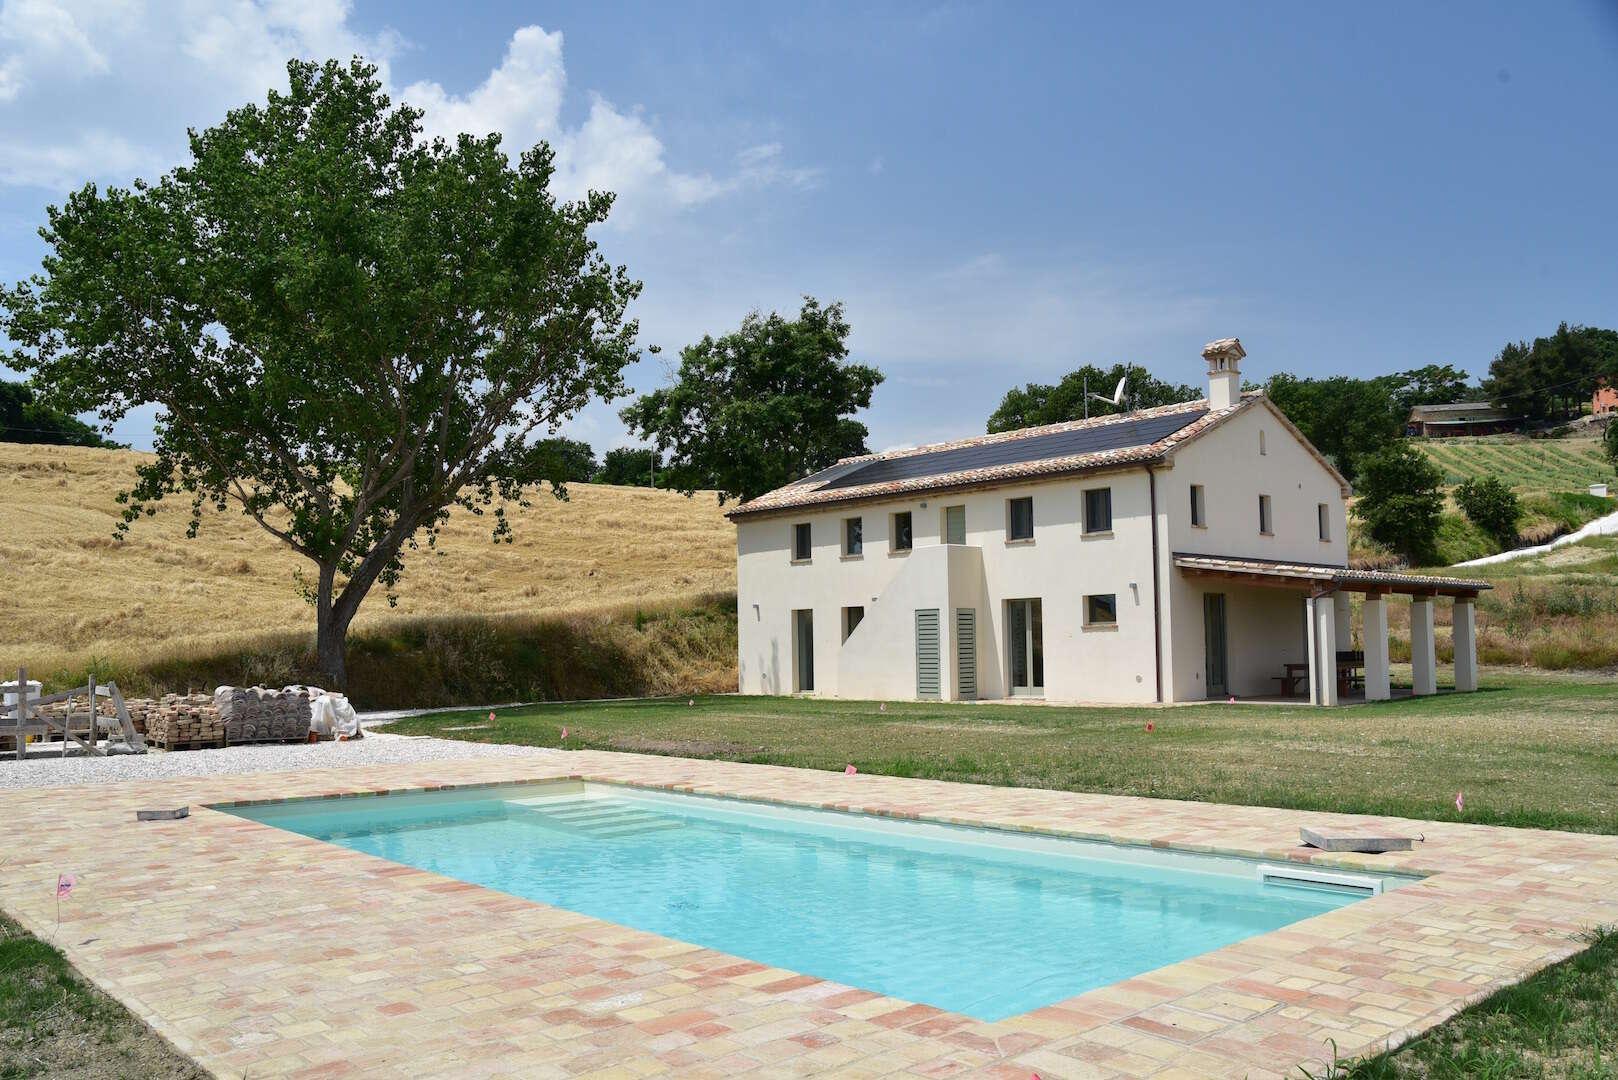 De Mooiste Vakantiehuizen : Insolita de mooiste vakantiehuizen in italië altijd mét zwembad